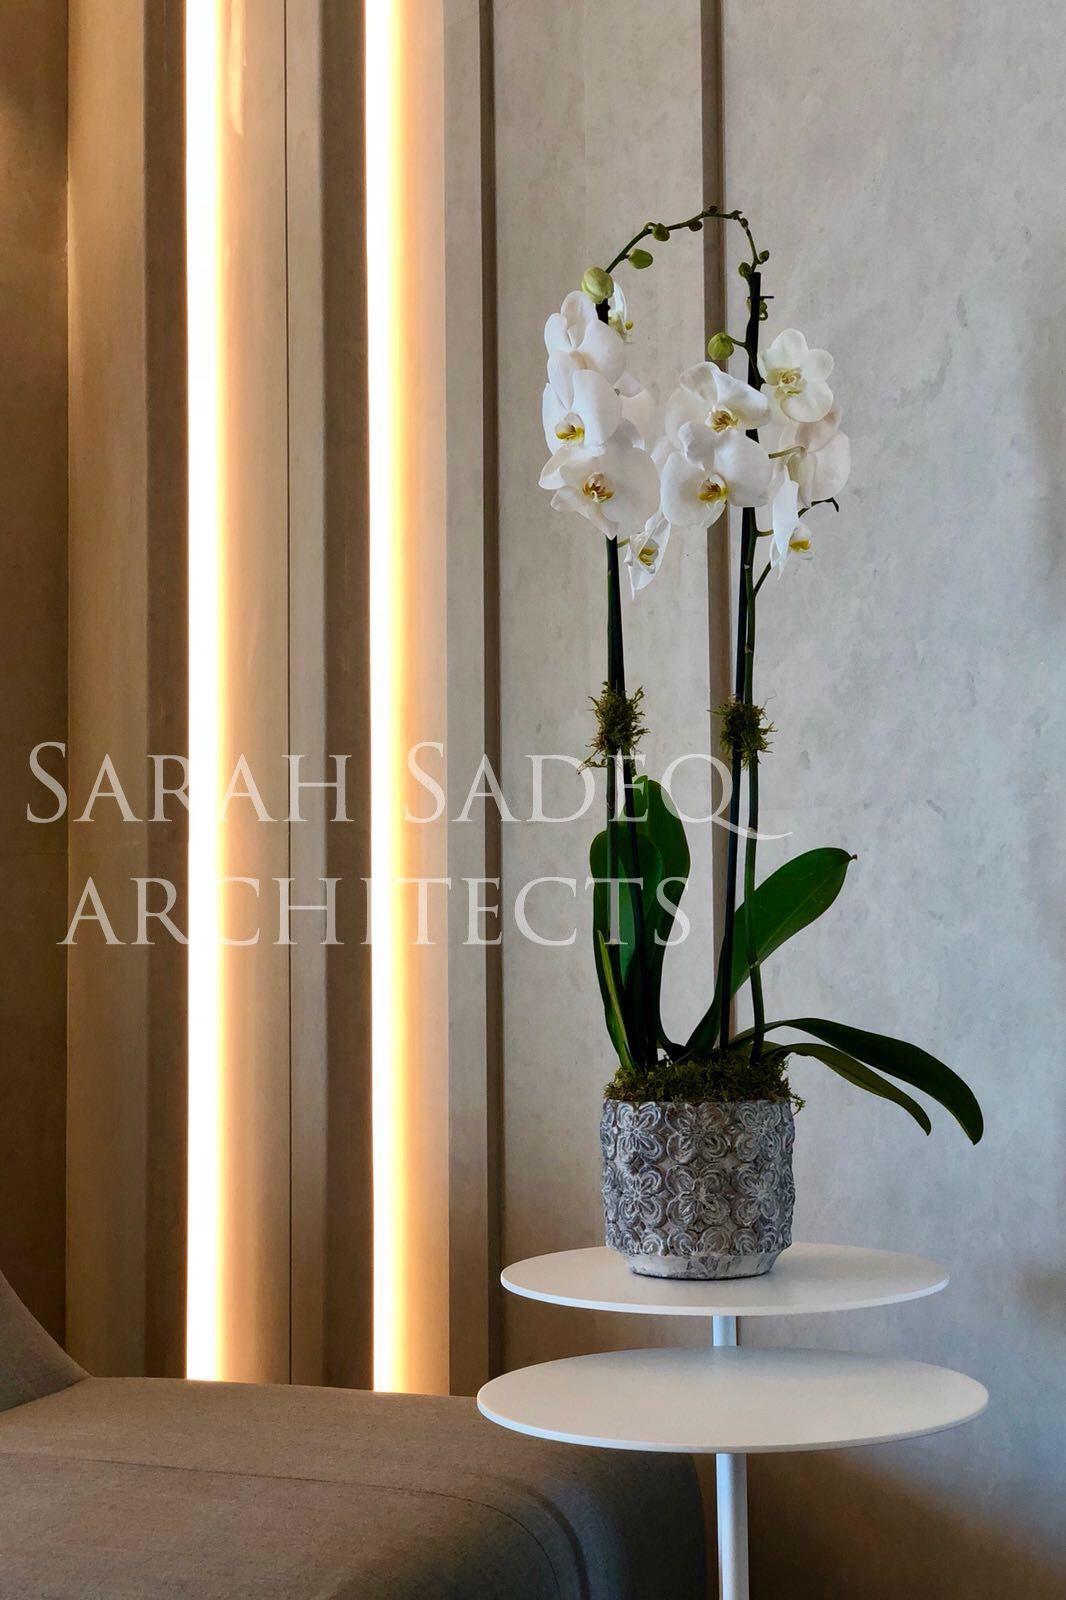 Sarah sadeq architects sarah sadeq architectes in pinterest